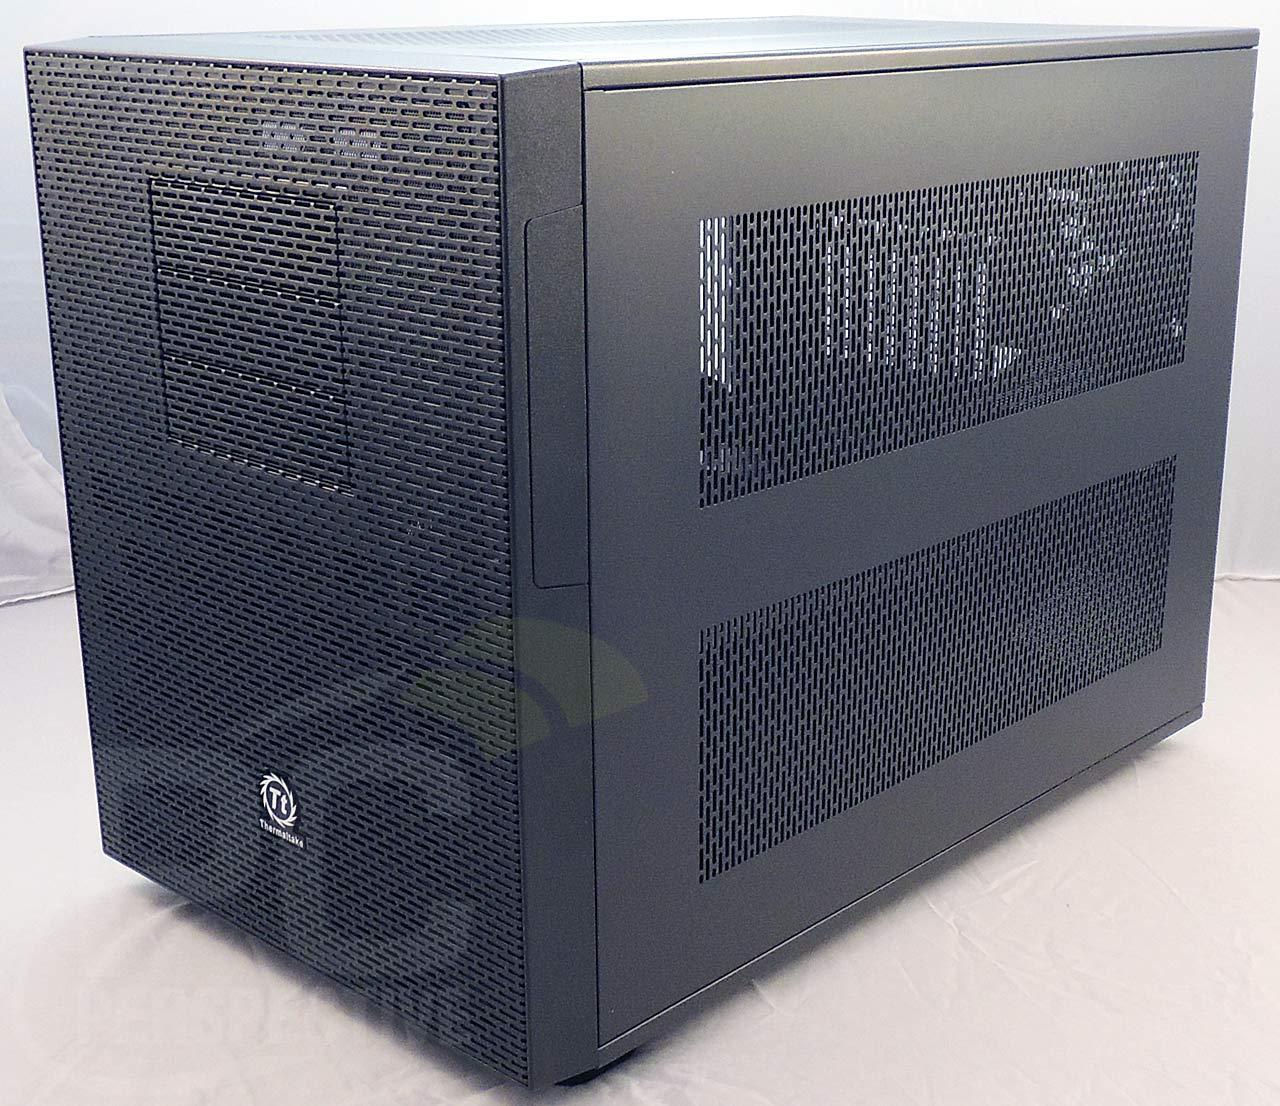 a2-case-profile-right-0.jpg